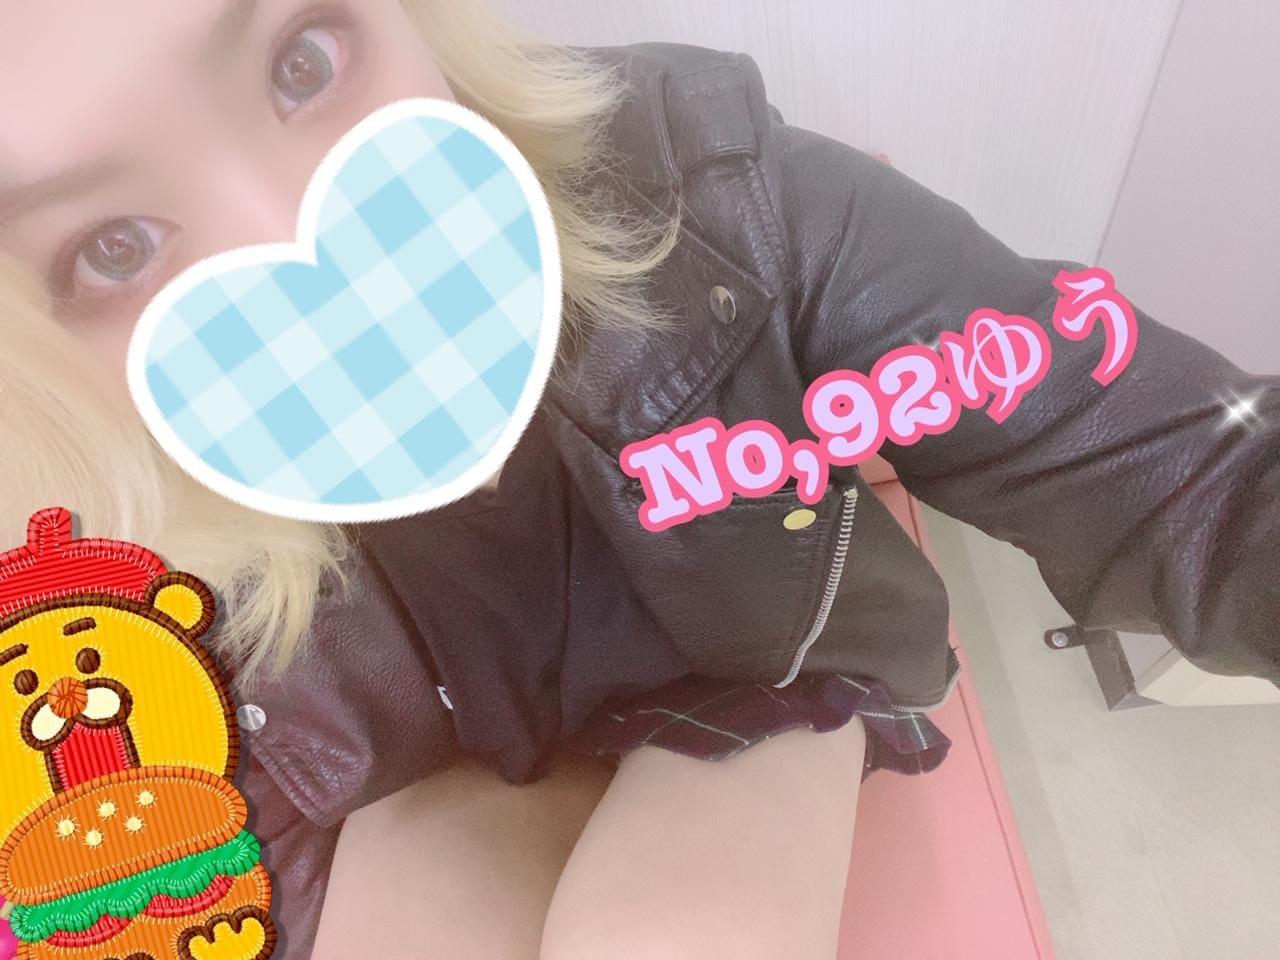 「おはよう\( ⍢ )/」11/09(11/09) 09:00 | ゆうの写メ・風俗動画